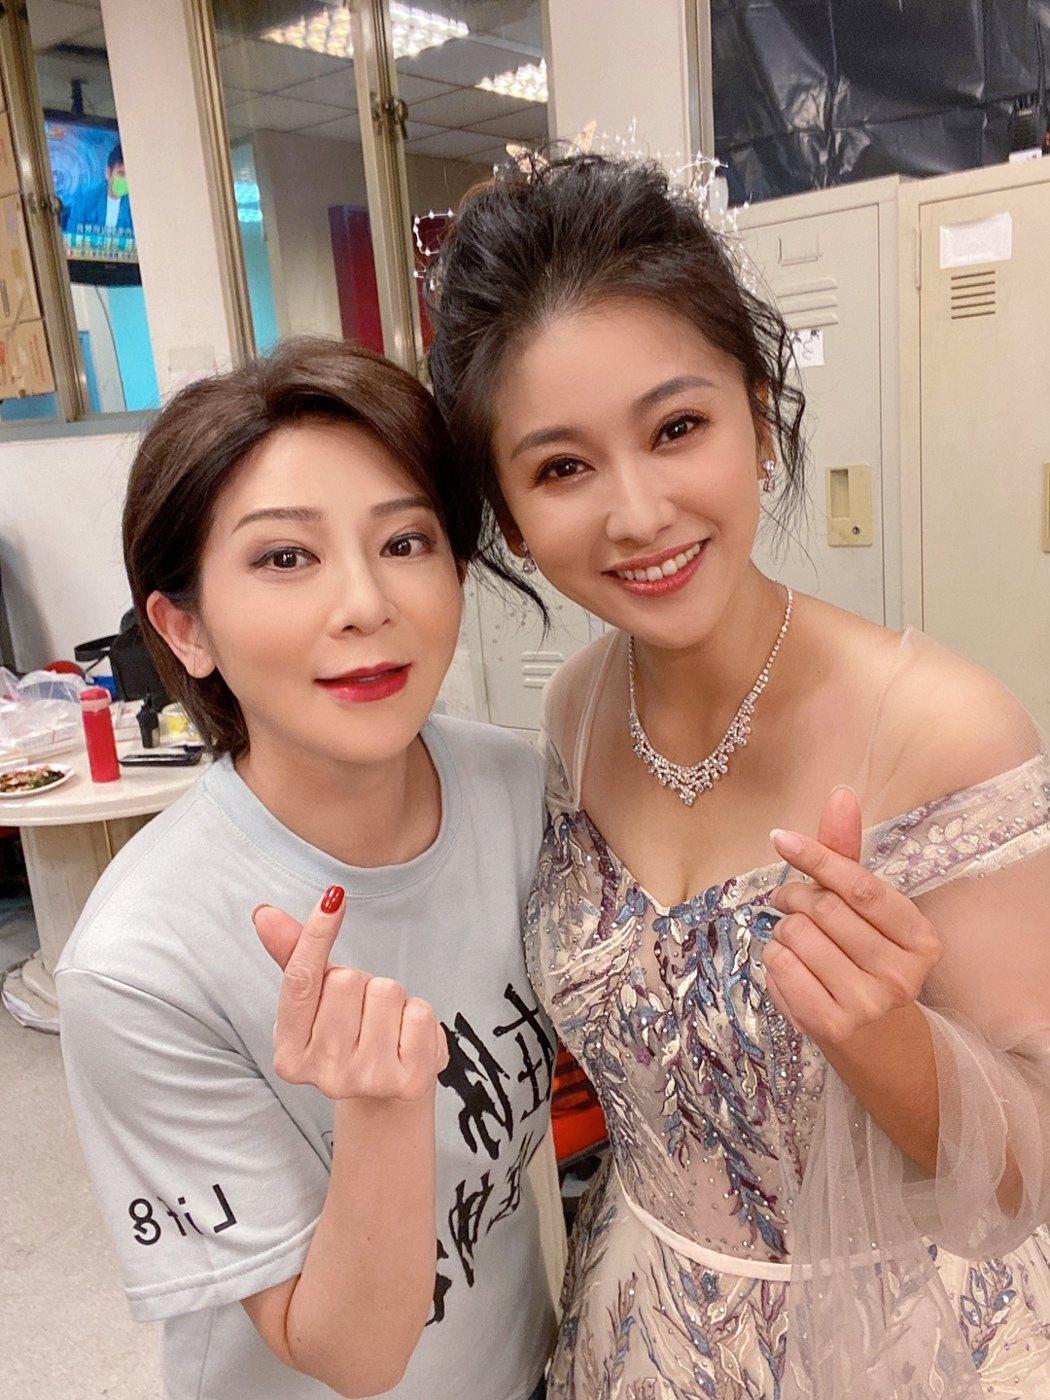 葉家妤在「黃金歲月」中初登台,感謝王彩樺在後台幫她找飾品。圖/民視提供